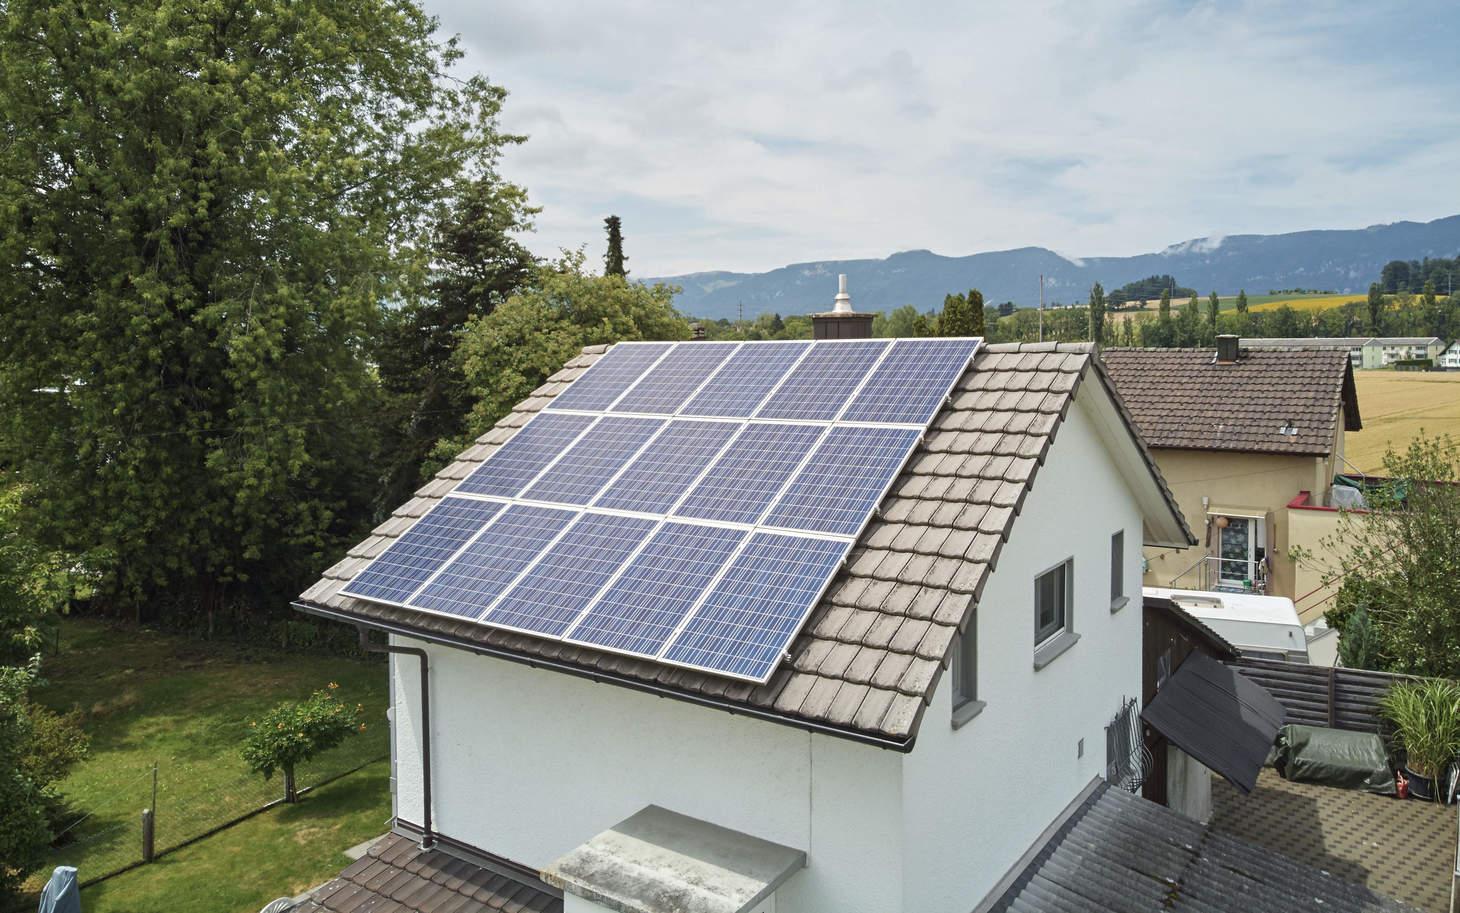 Seitenansicht von einem Haus mit einer Photovoltaik-Anlage